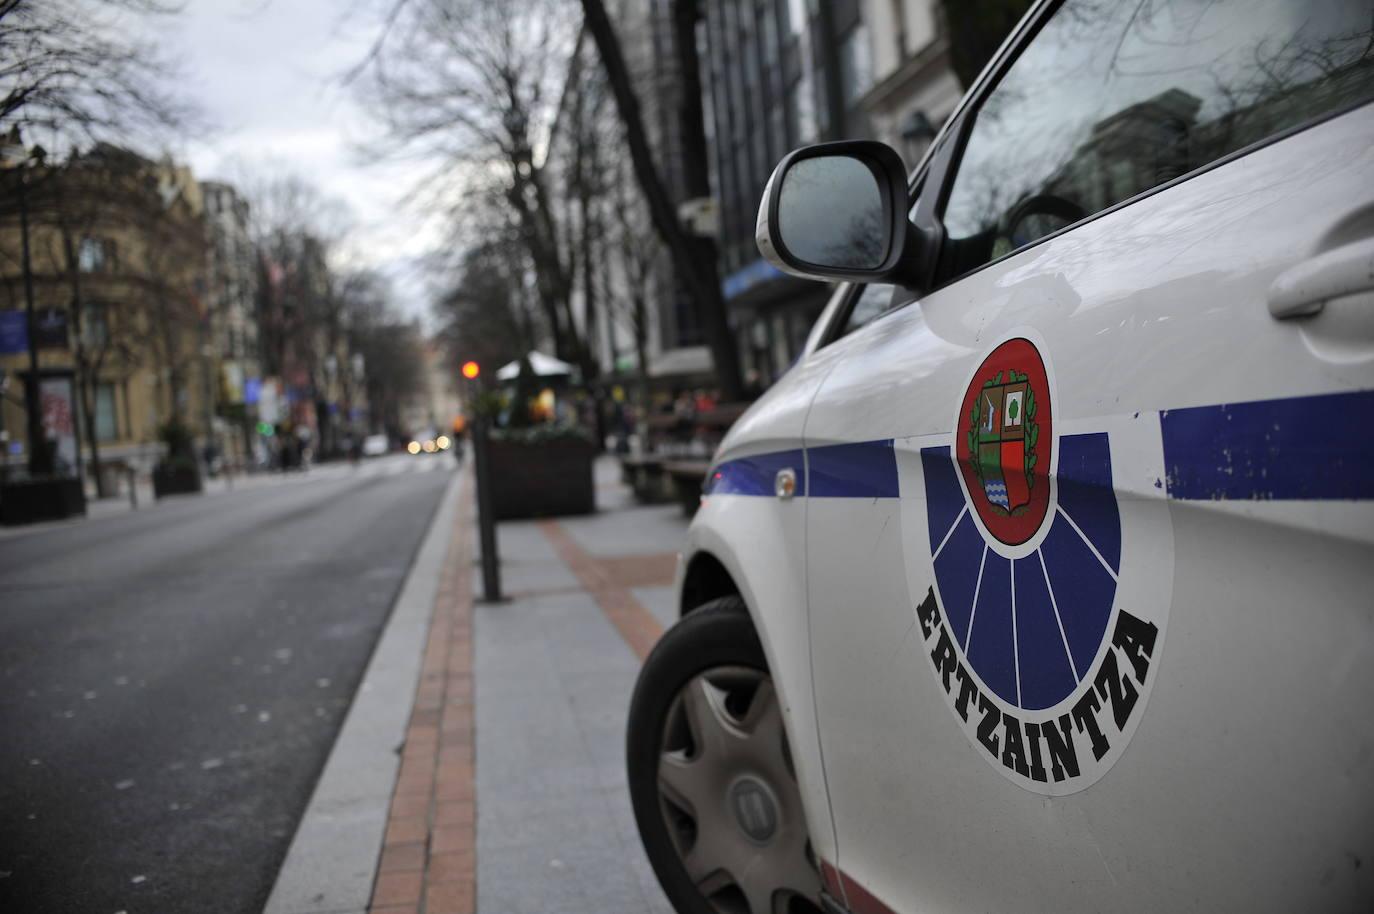 Detenido un joven en Bilbao tras robar en varios establecimientos